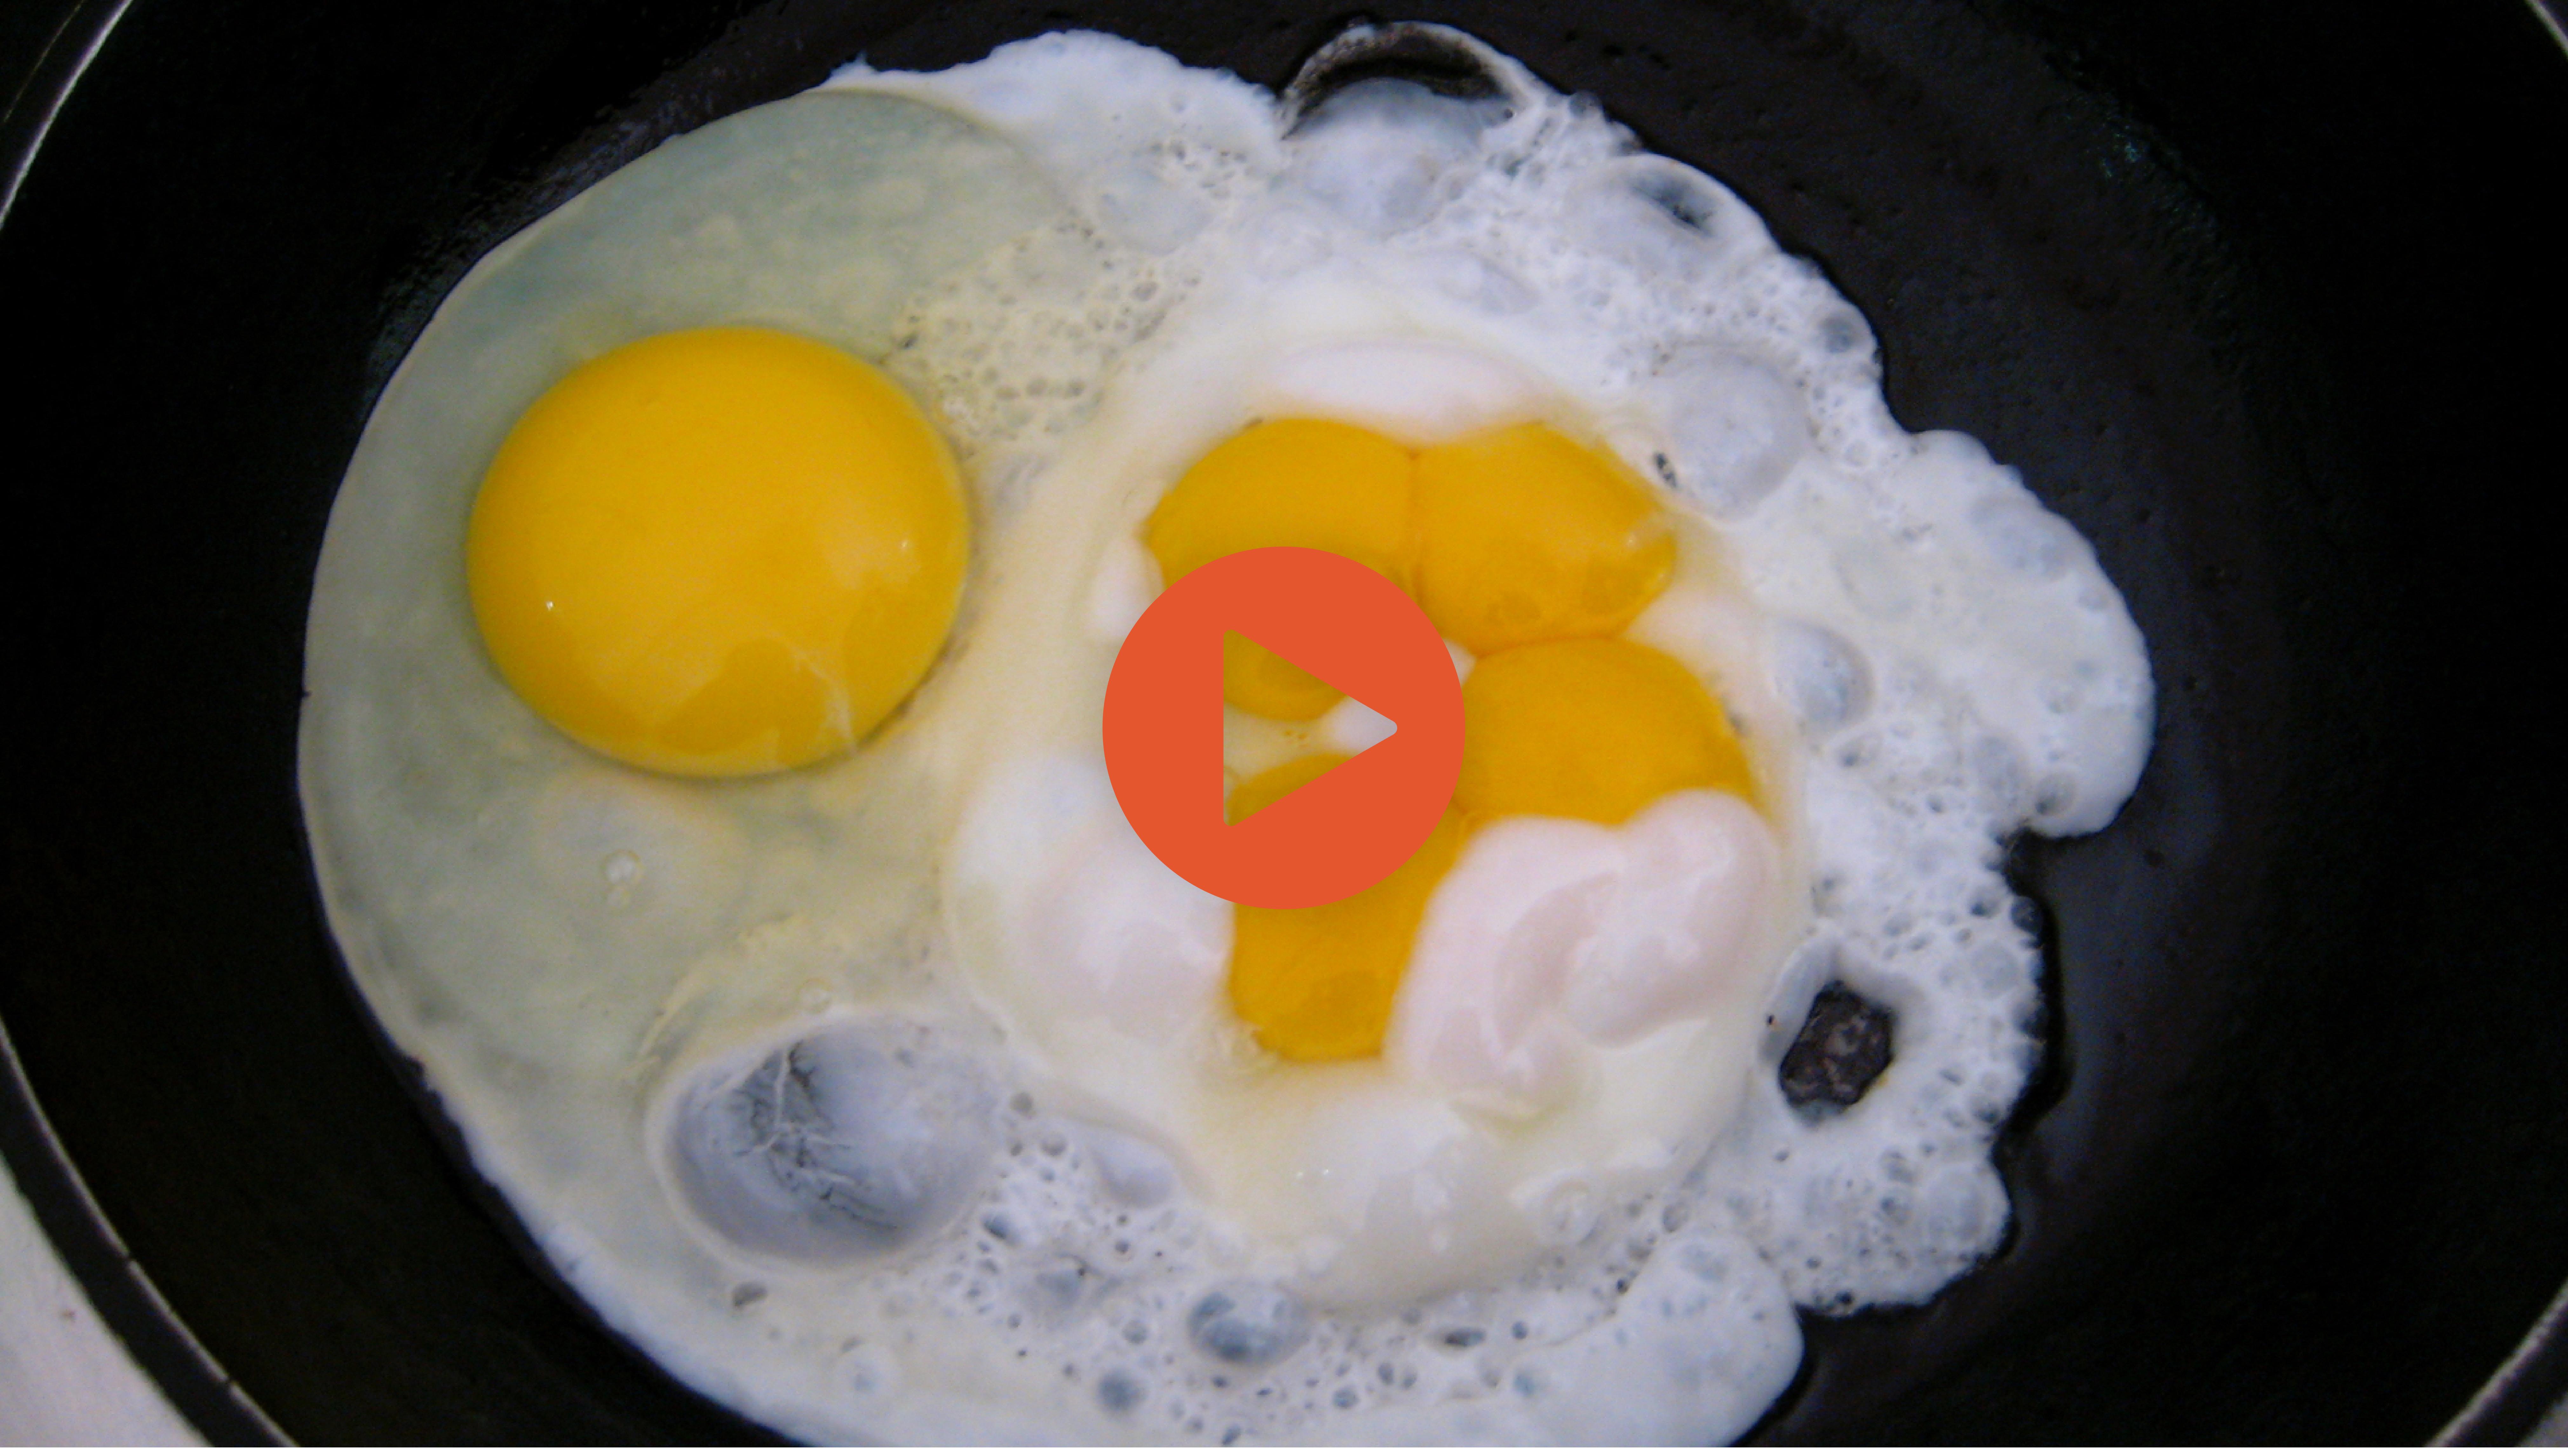 el huevo puede causar cáncer de próstata letales